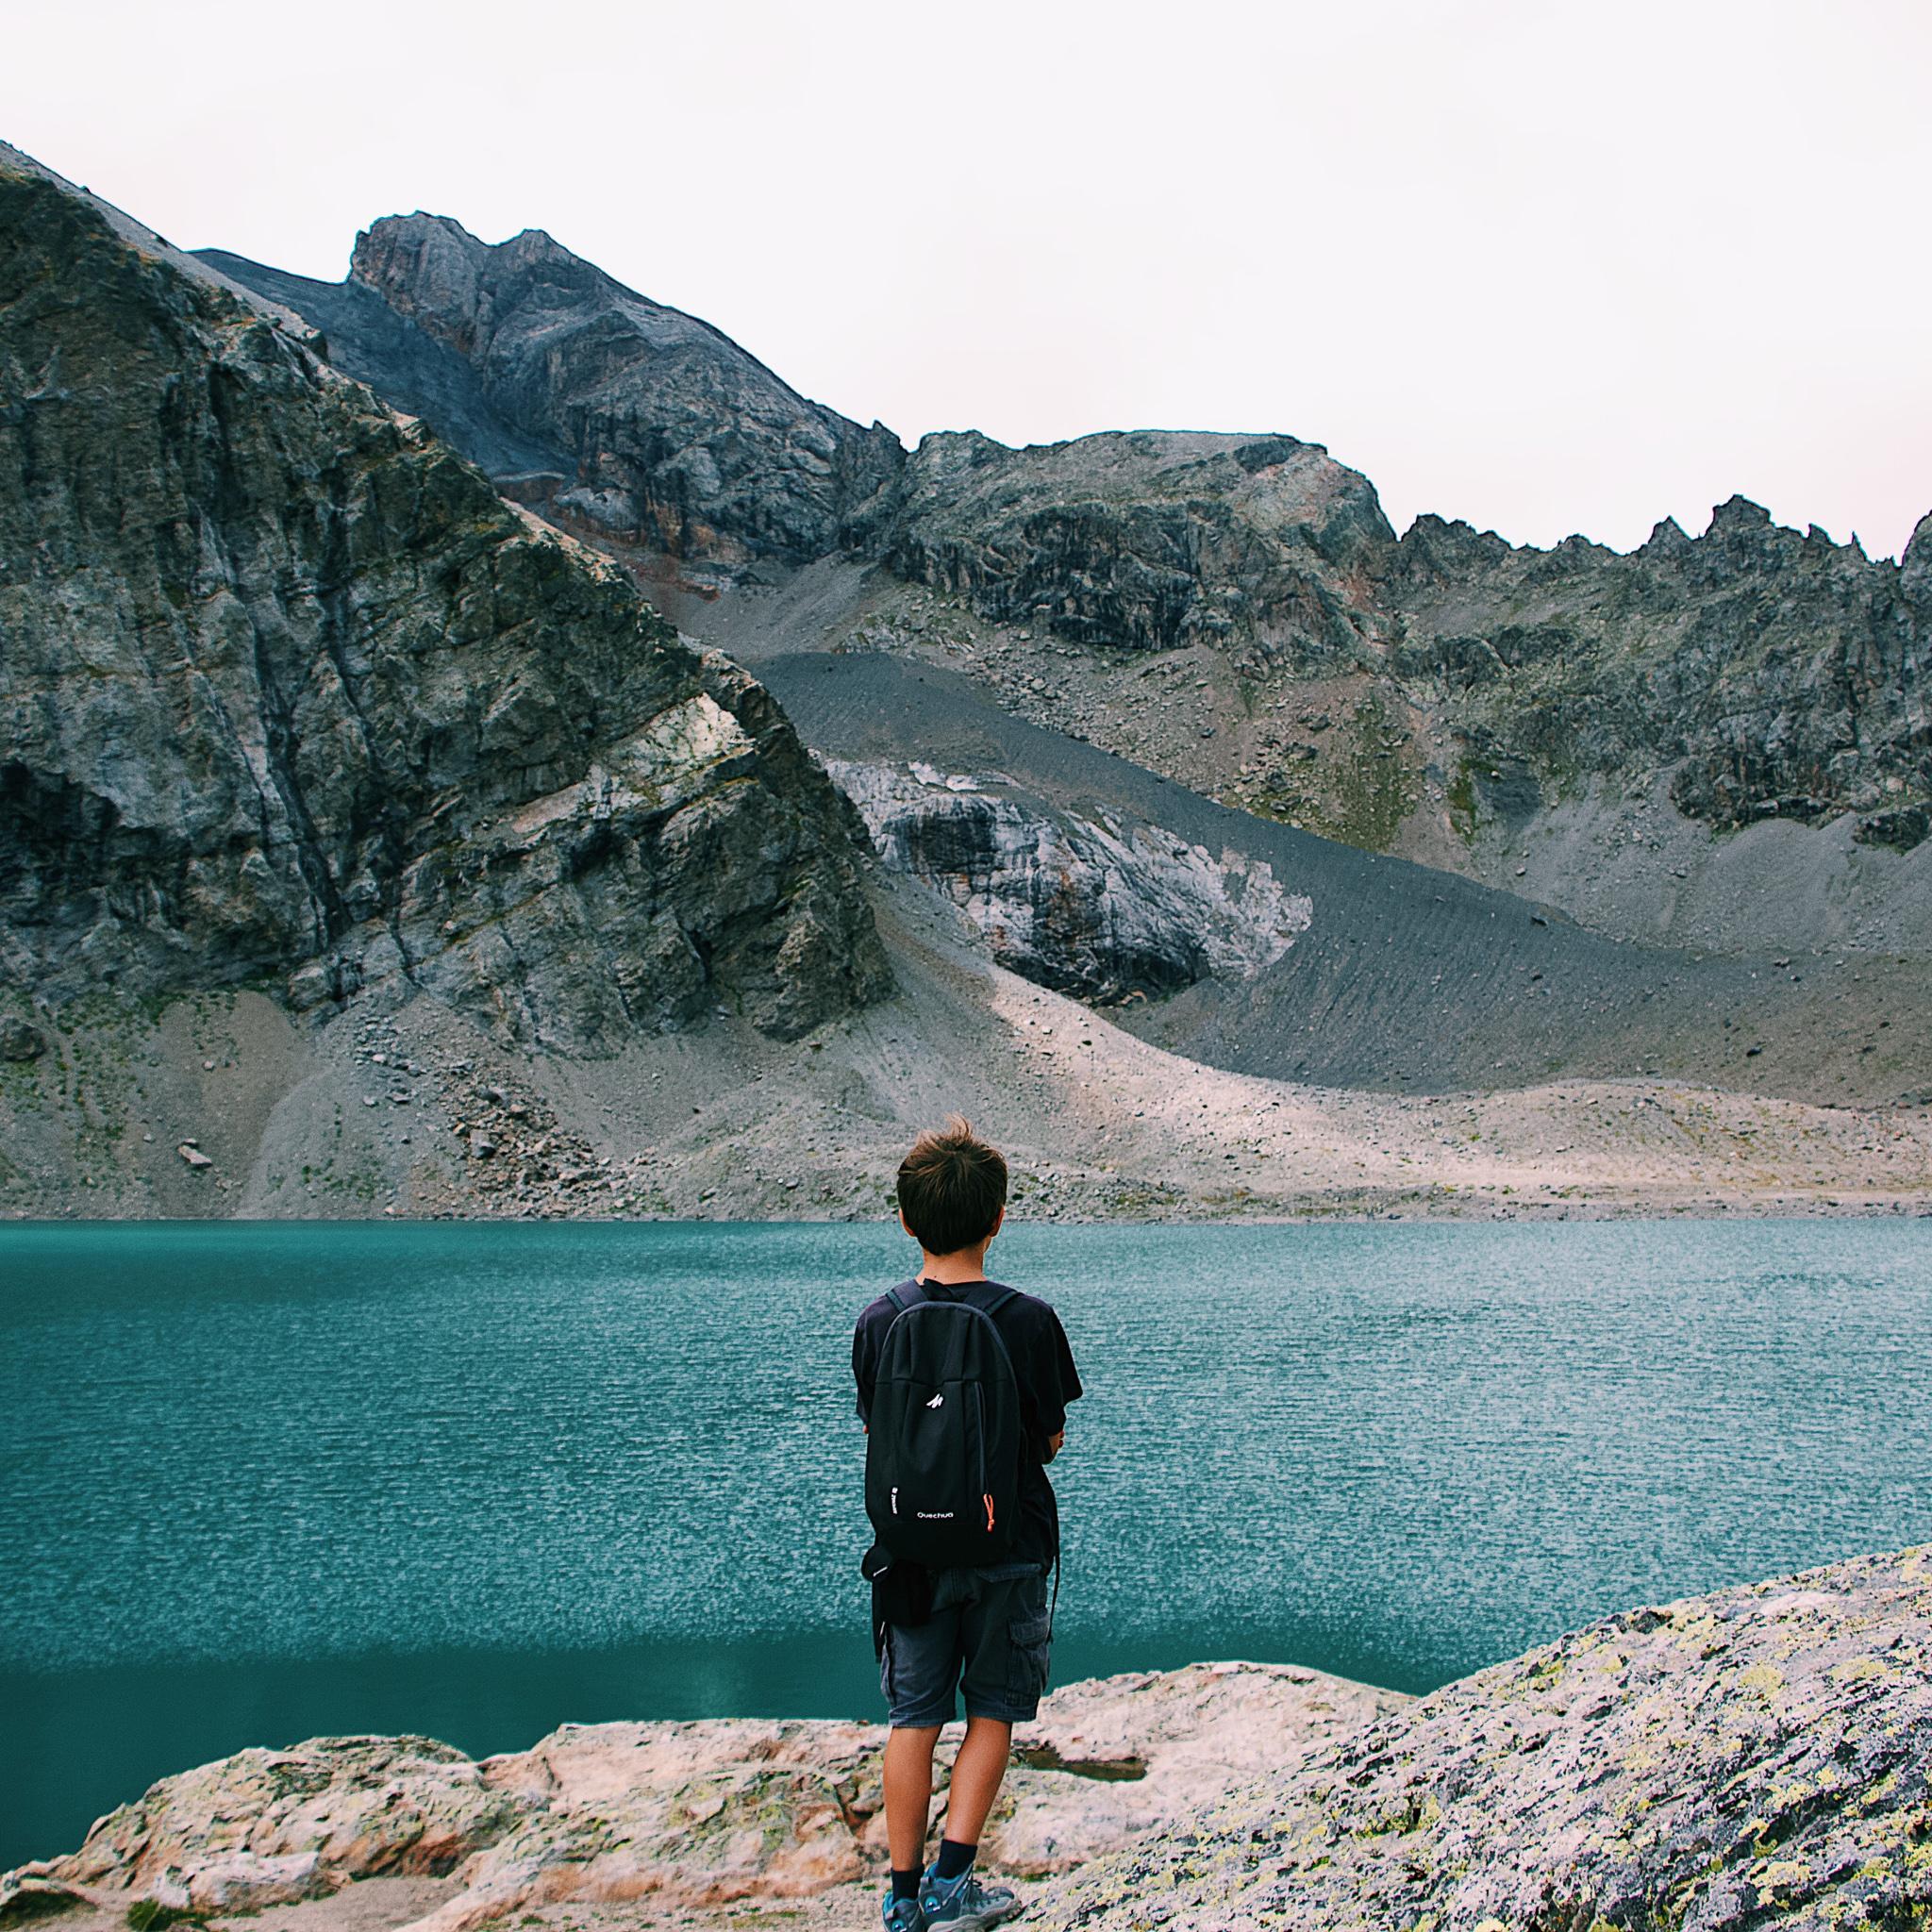 garcon devant lac du parc des ecrins